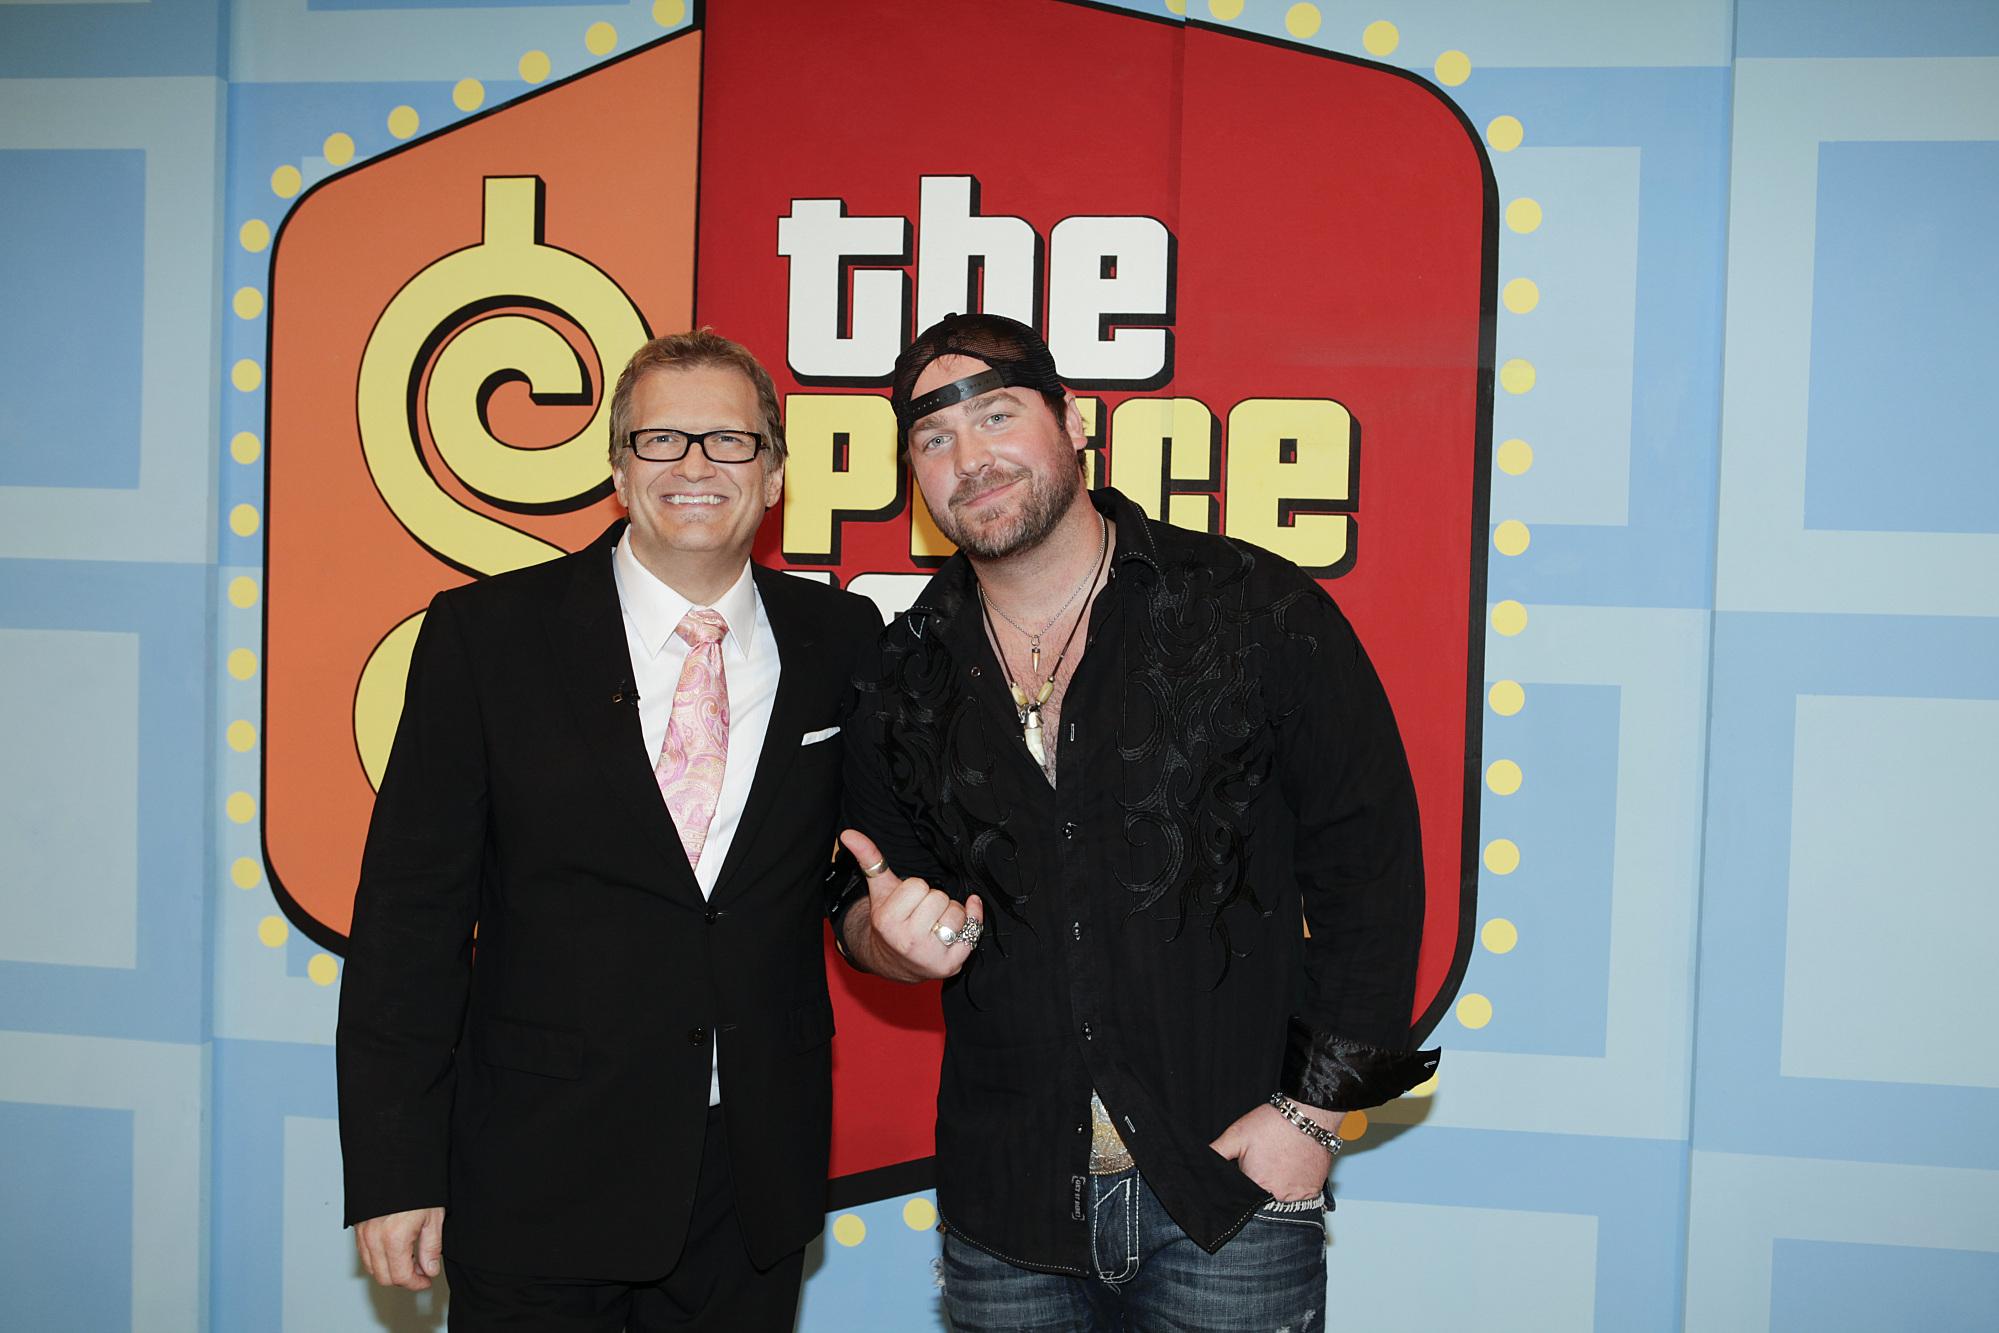 Drew and Lee Brice